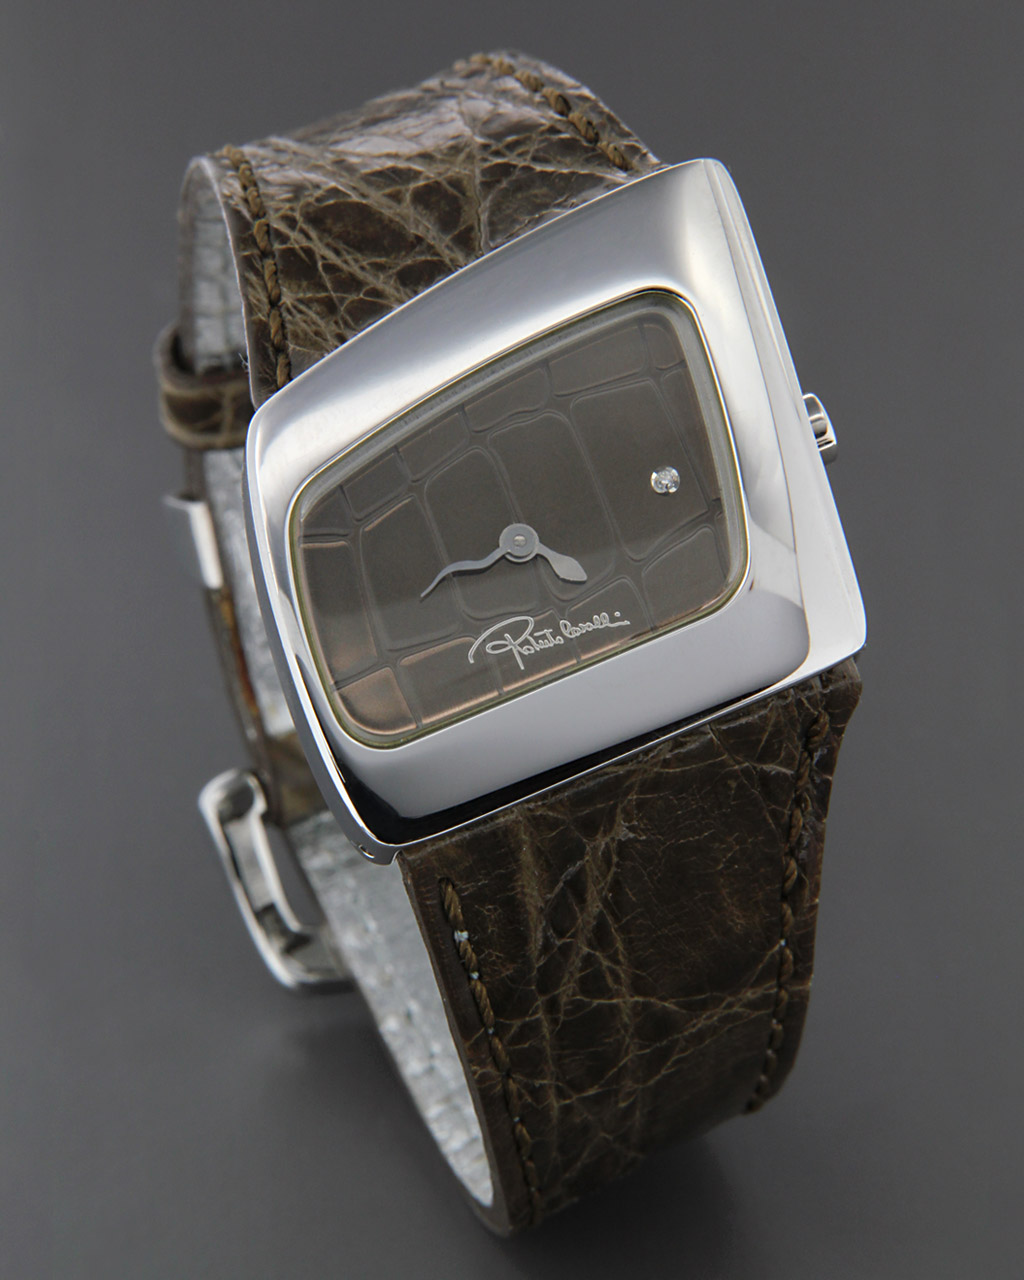 Ρολόι ROBERTO CAVALLI R7251102905   brands roberto cavalli